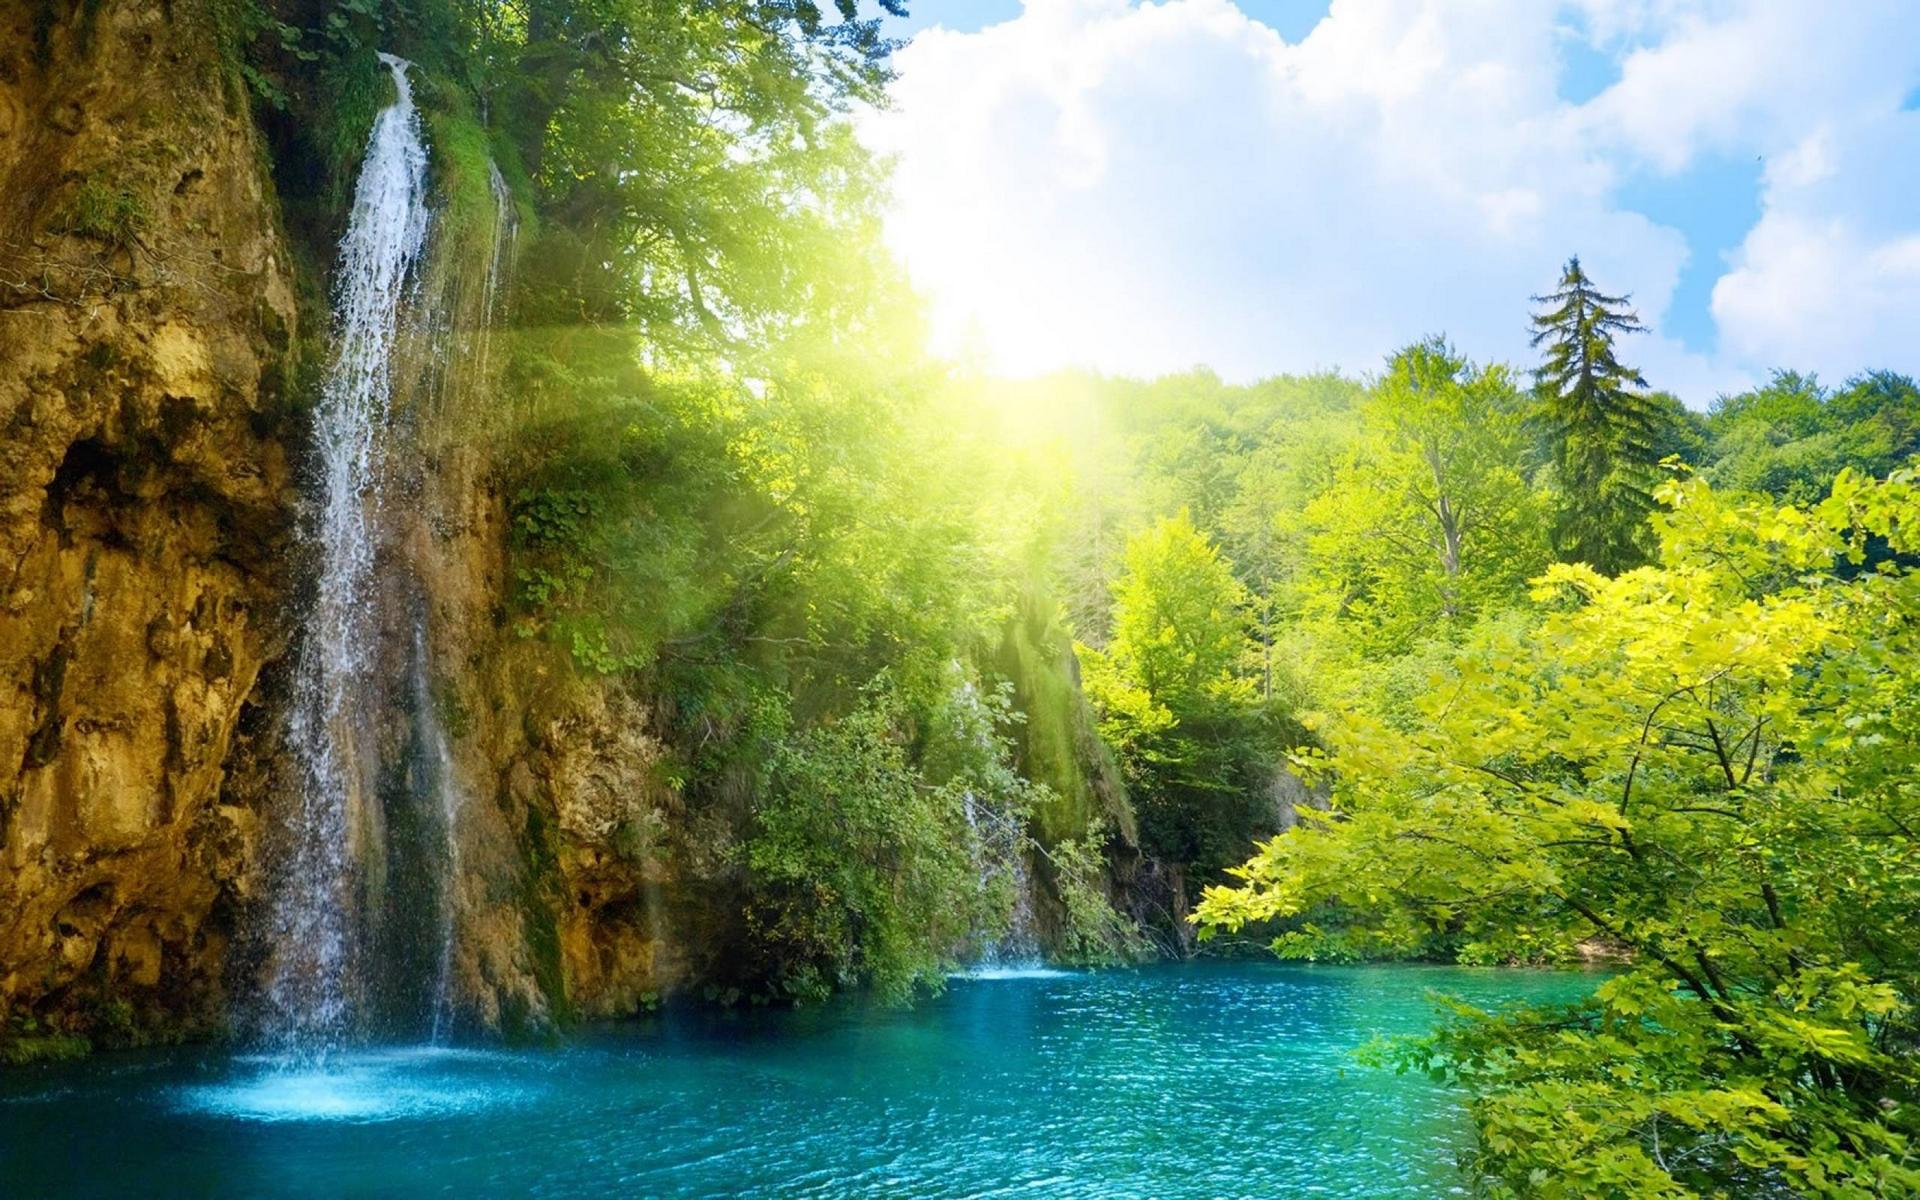 лето, горы, растительность